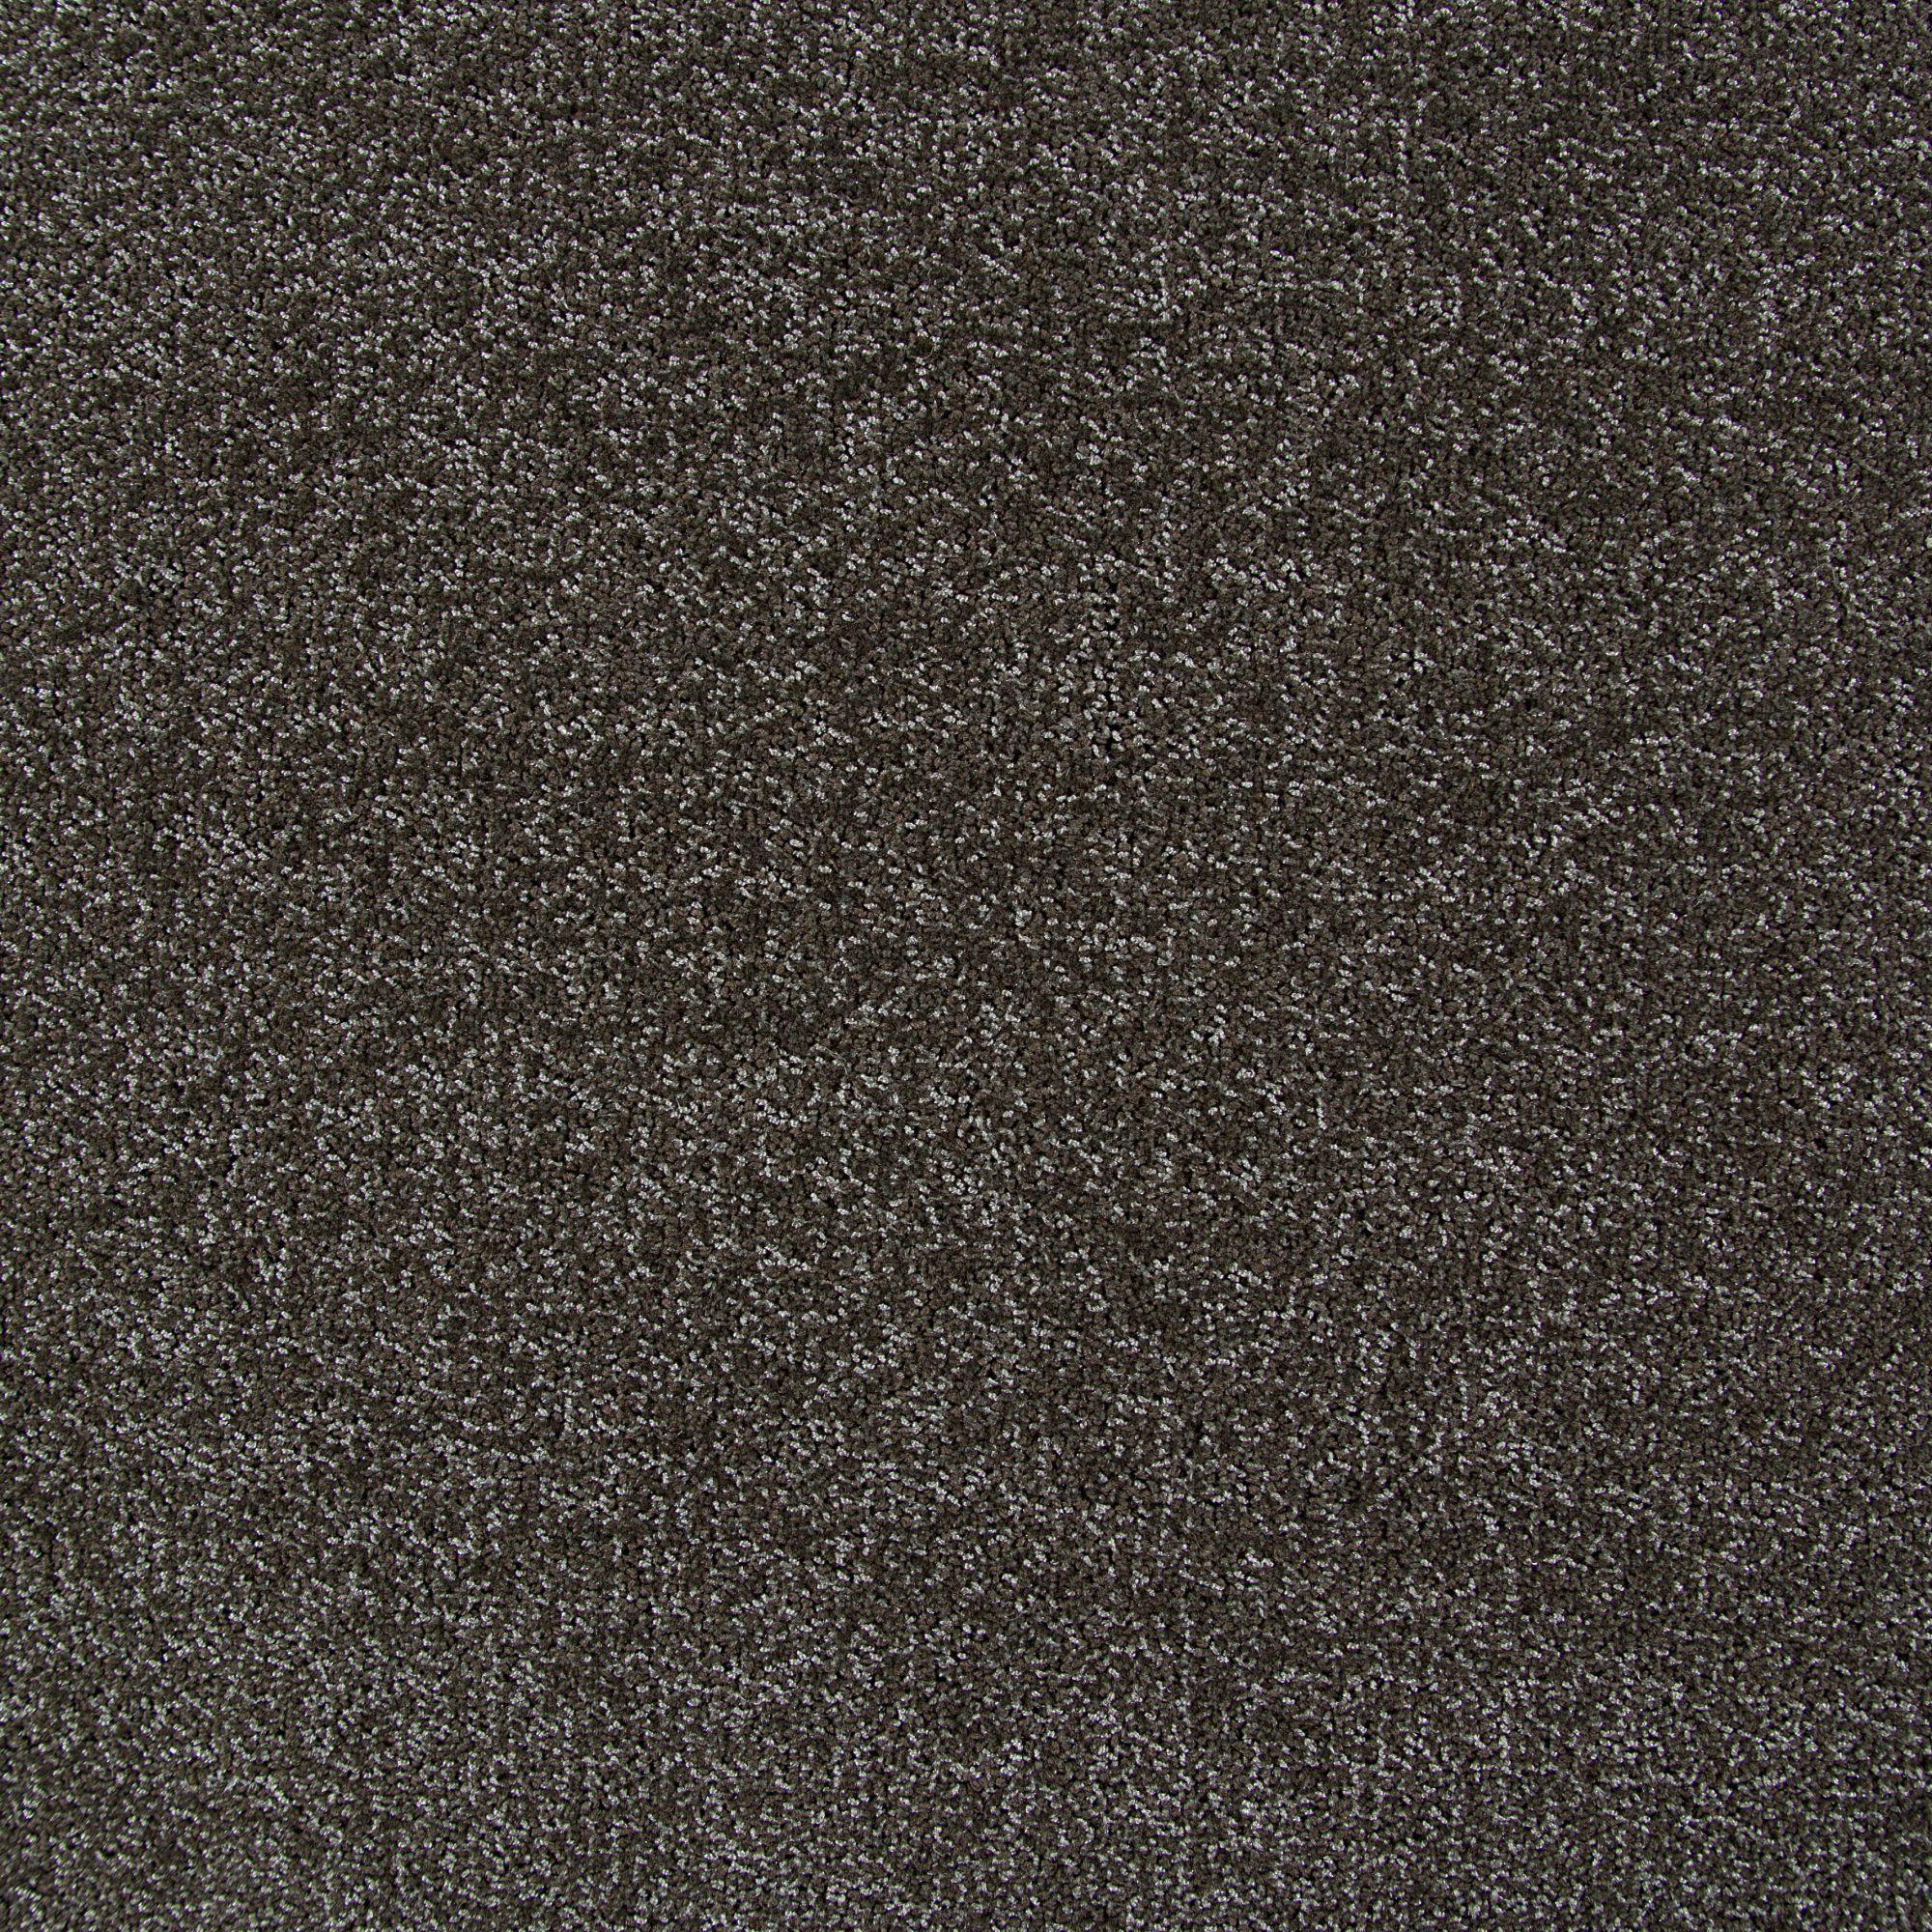 Mezzanine (1008-A2011)